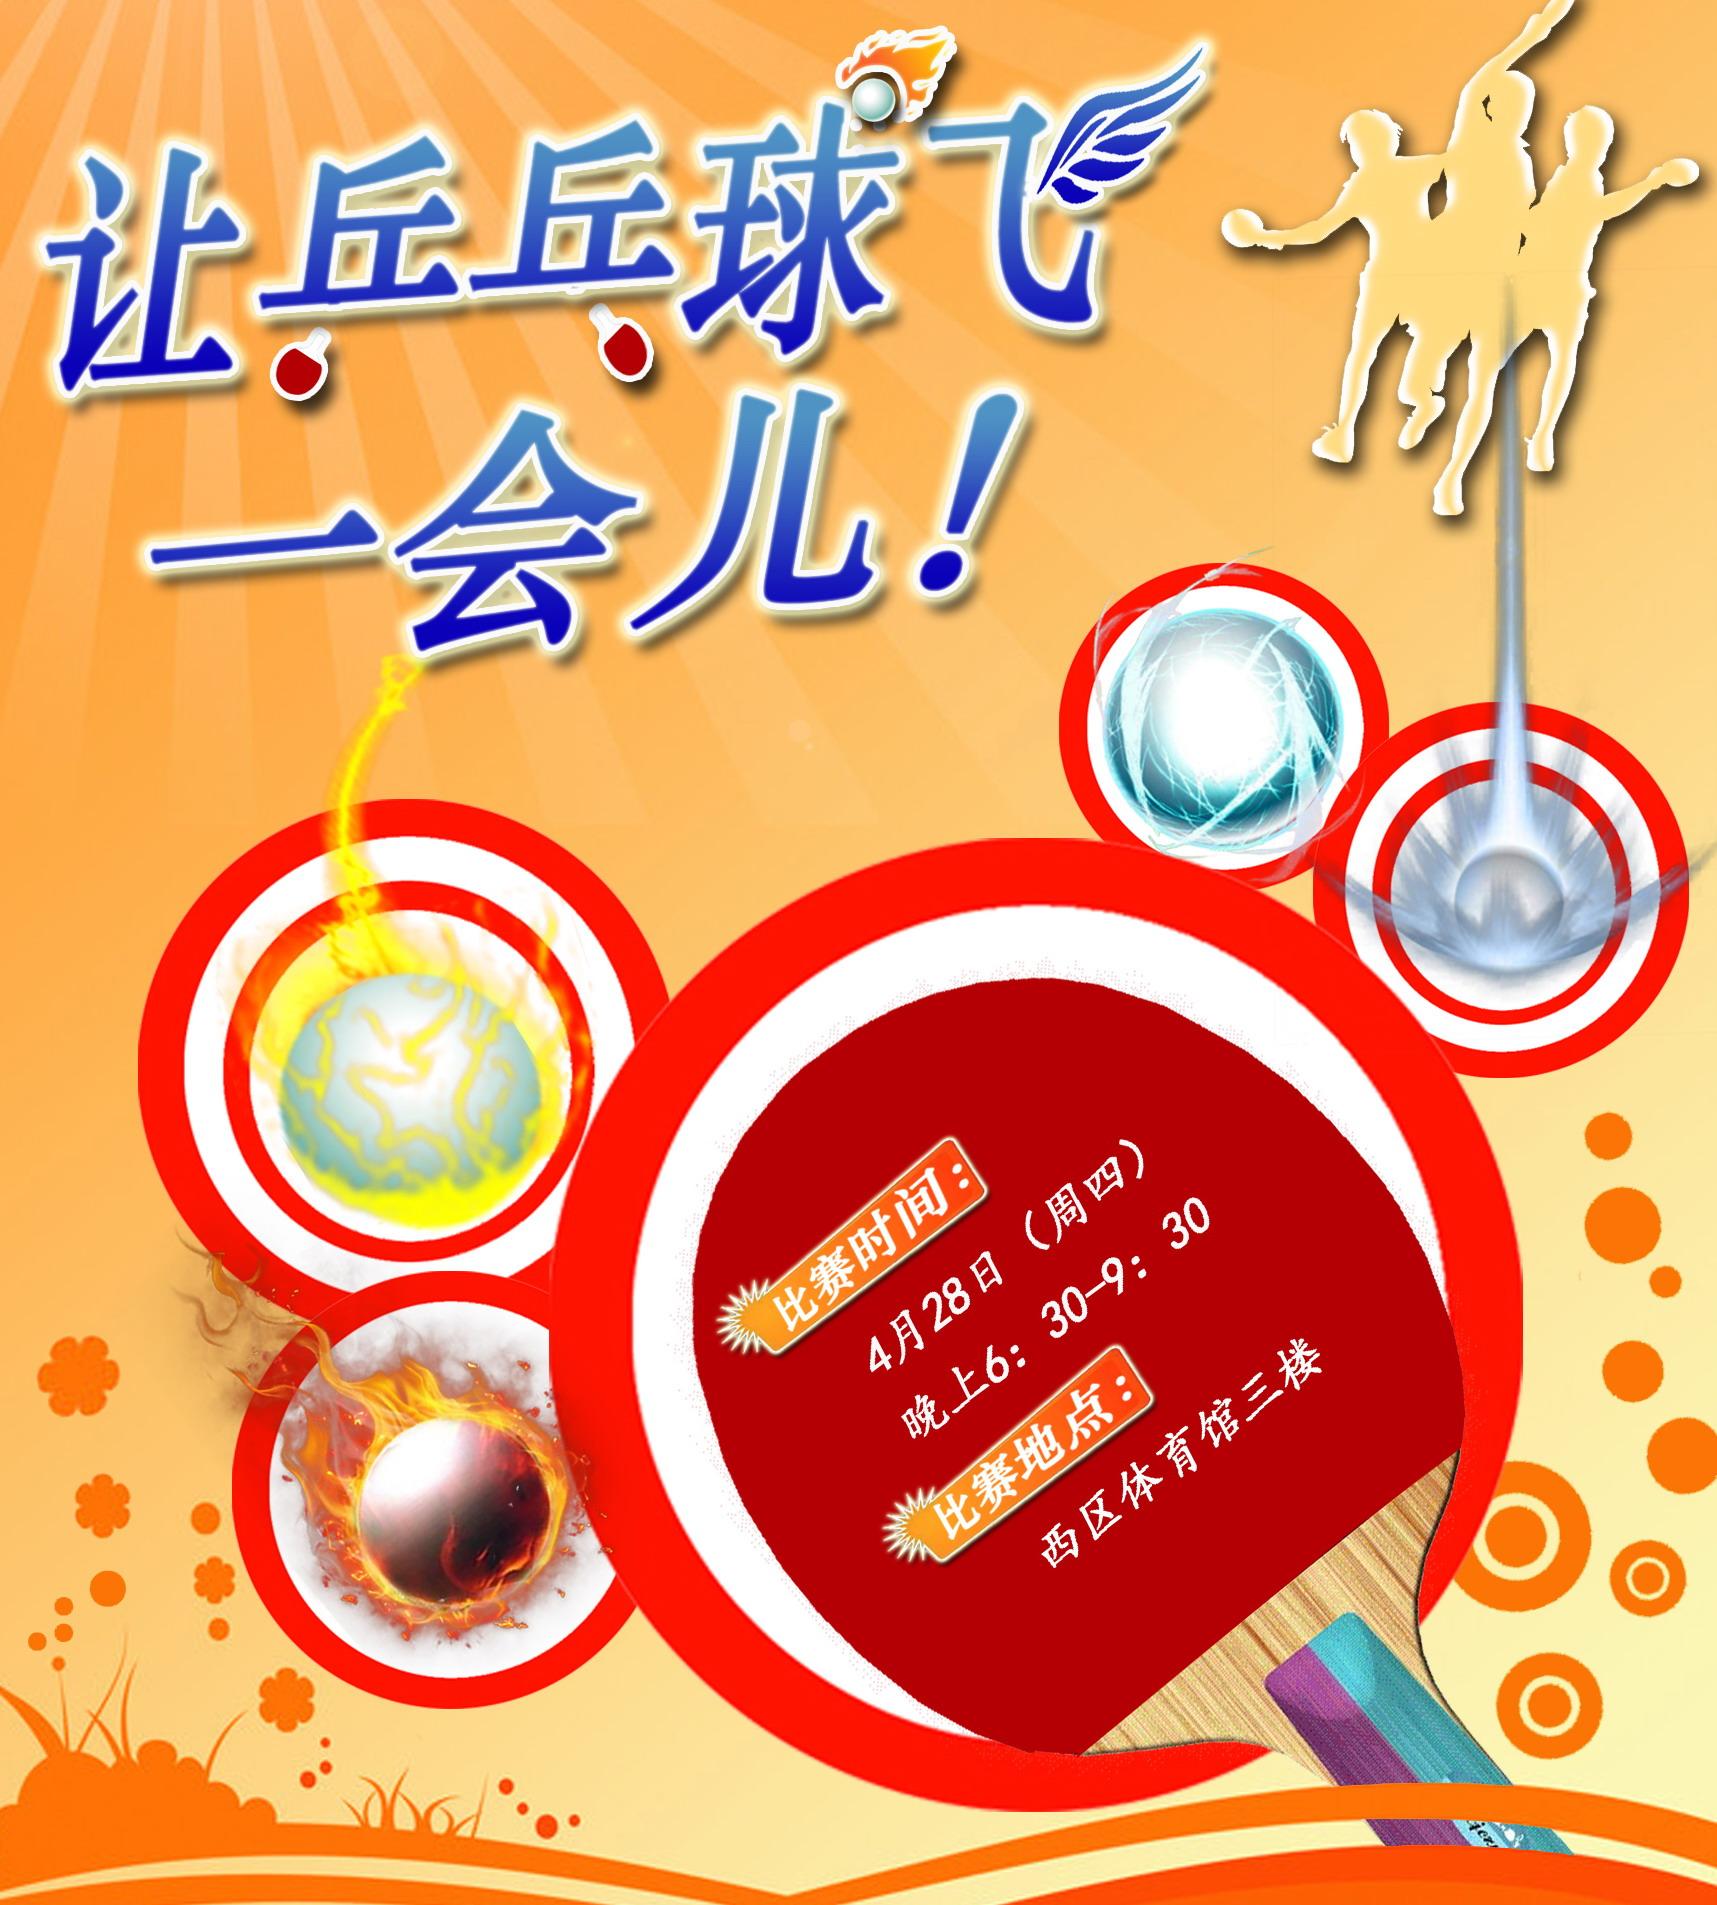 乒乓球海报照片.jpg